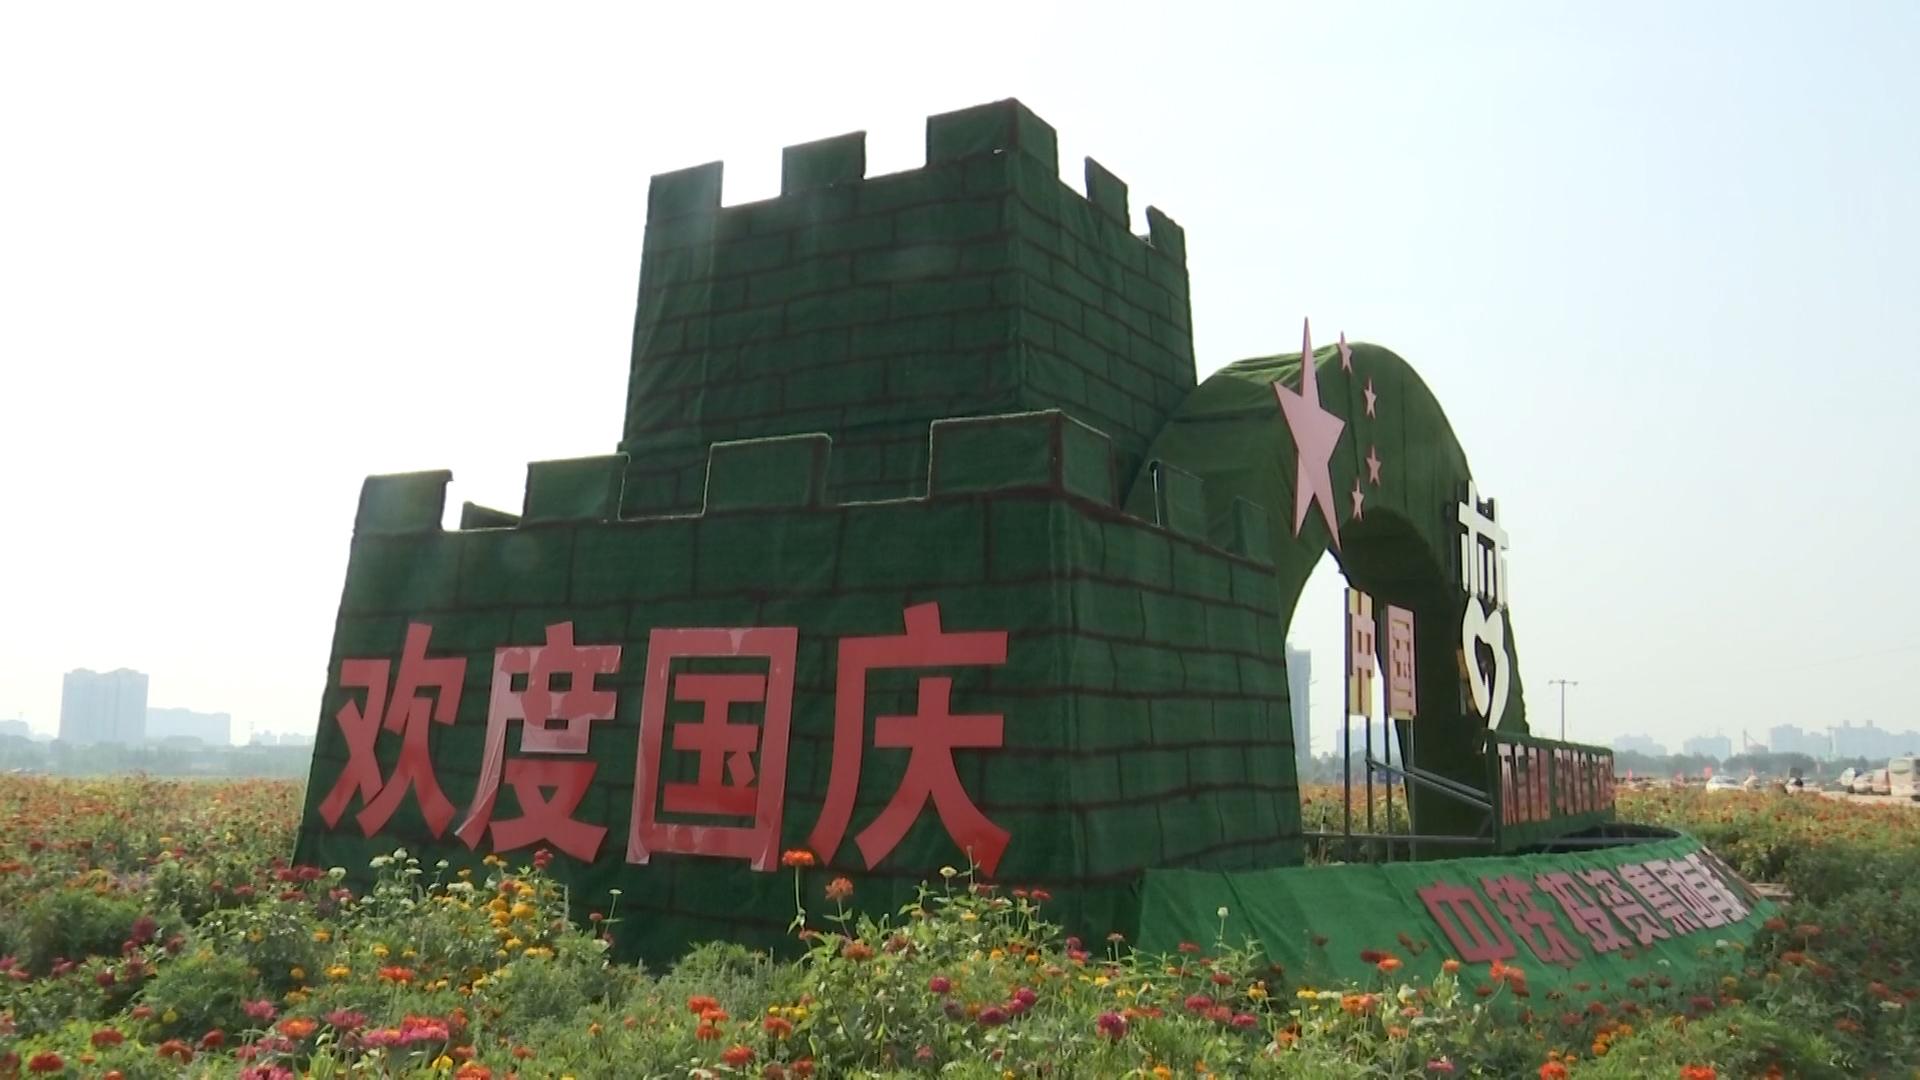 滹沱河畔打卡地 巨幅国旗庆国庆